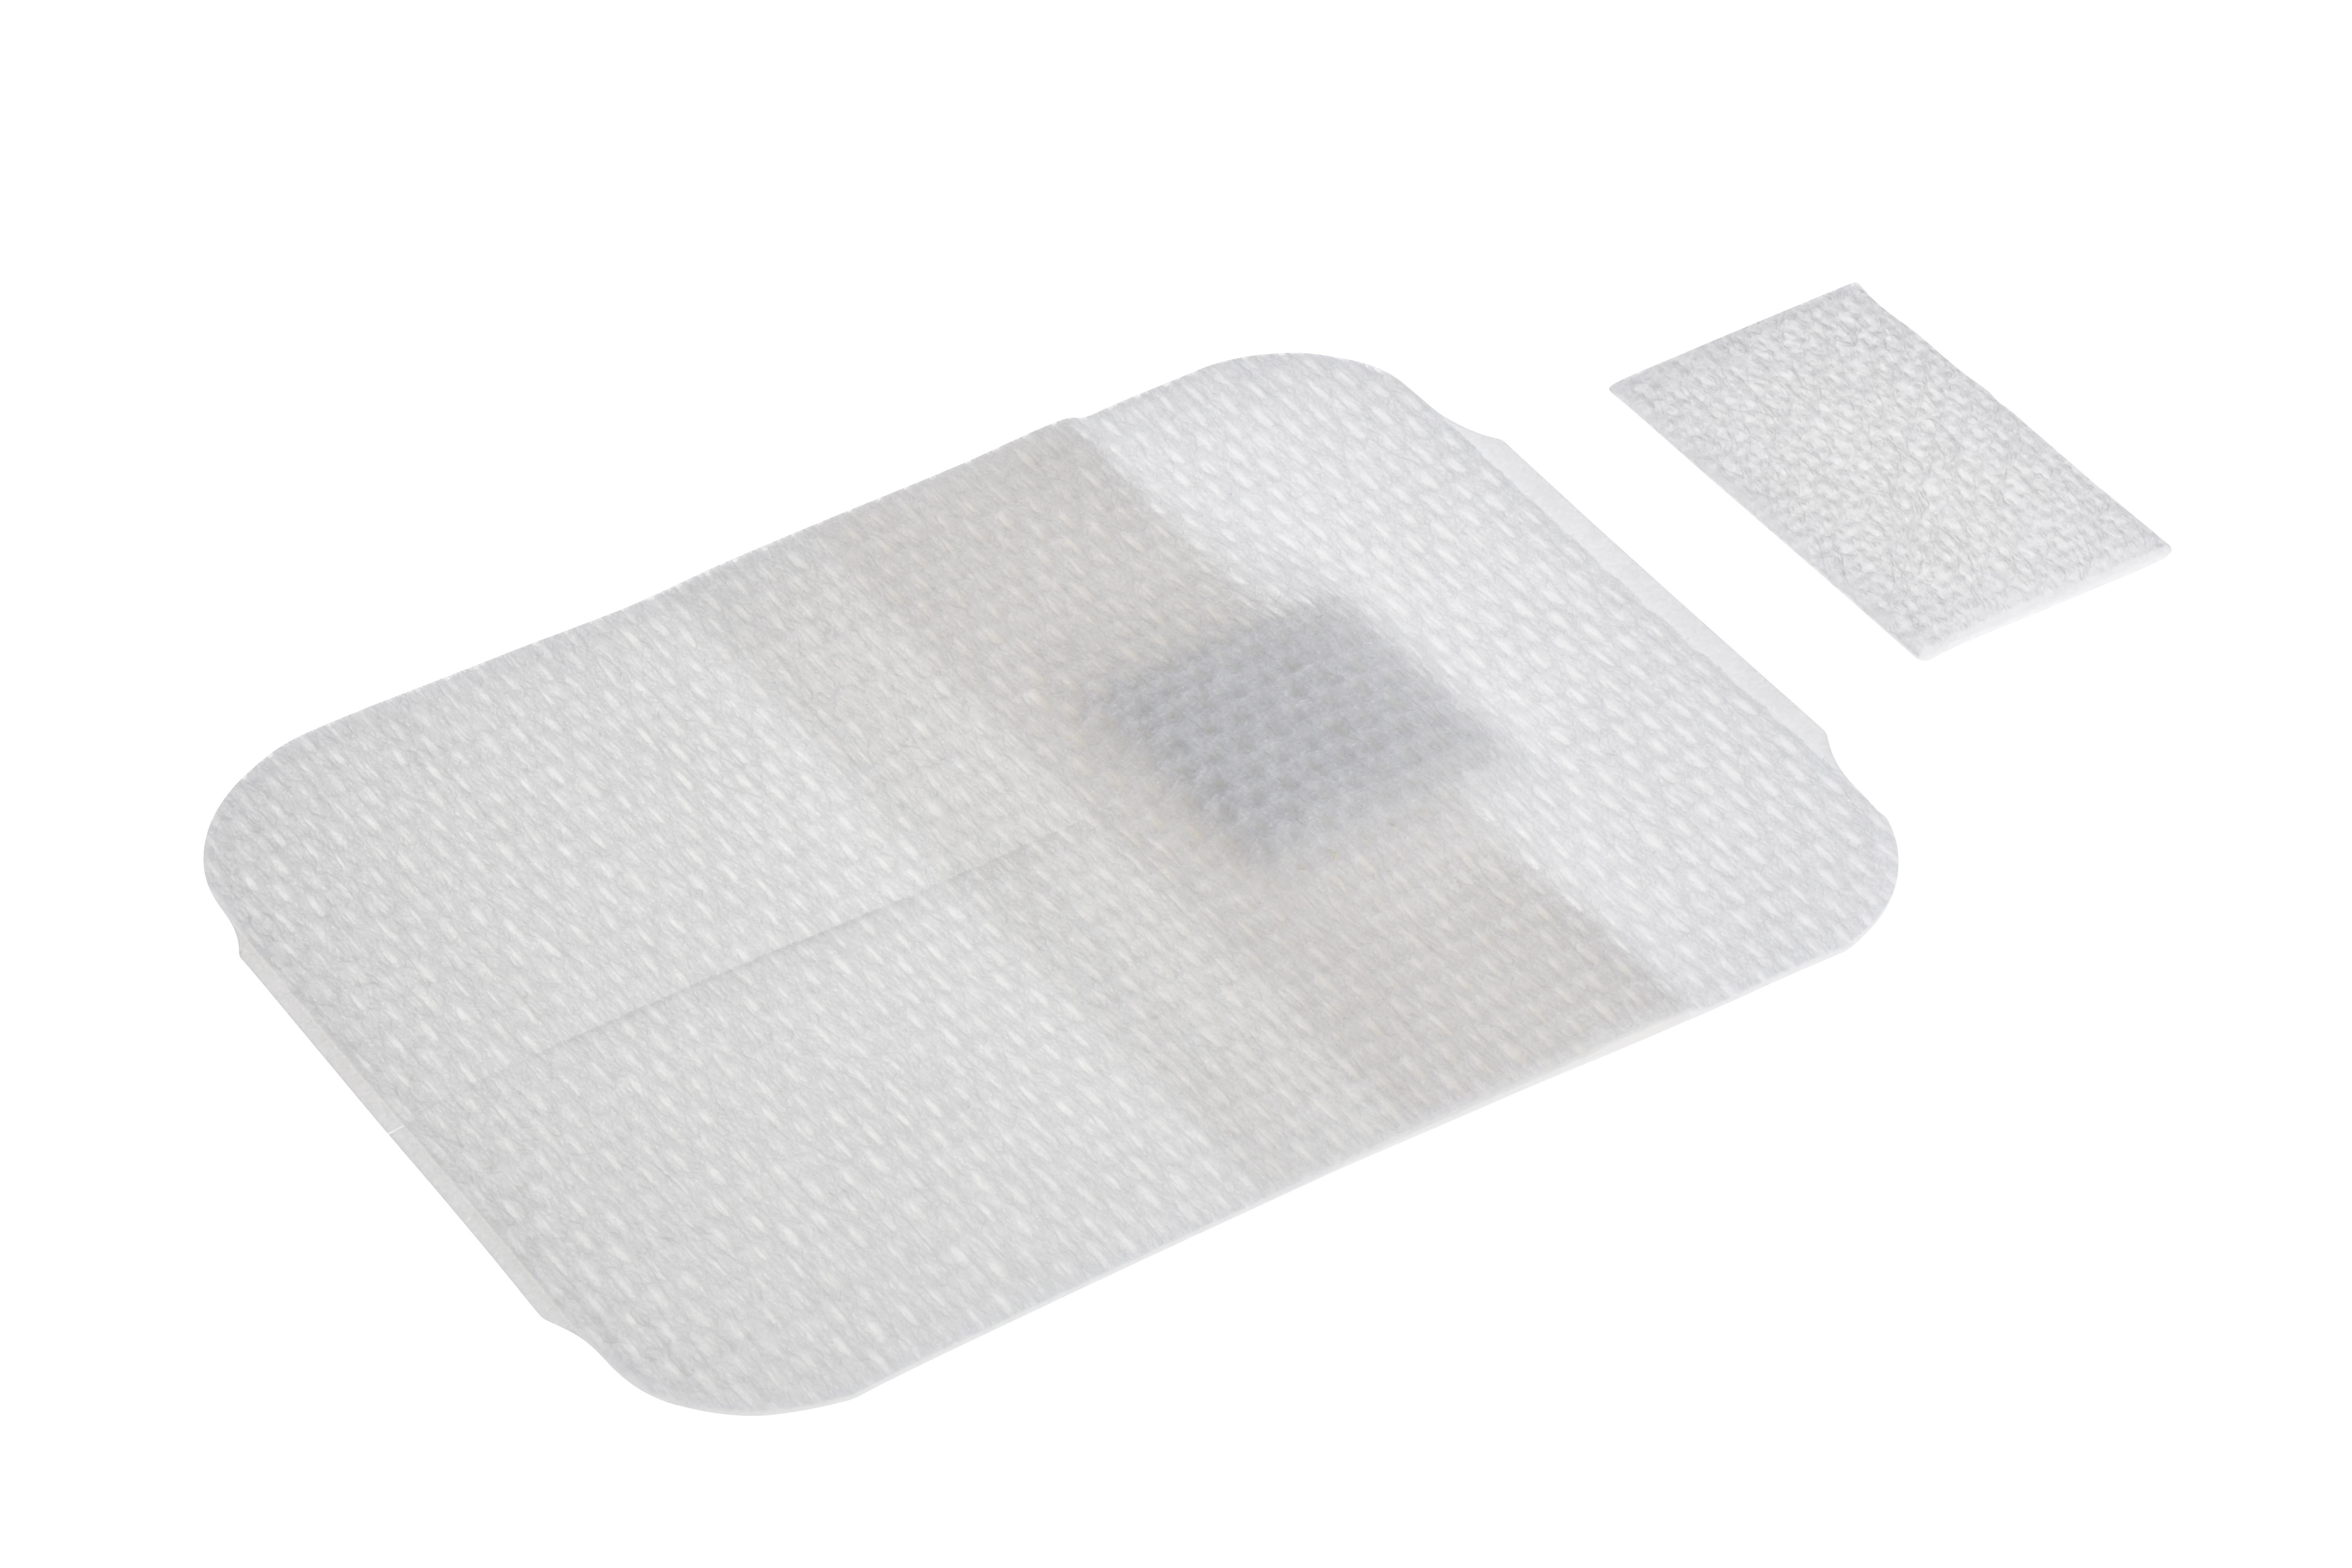 BD Vecafix Katheterfixierverband steril, ohne Sichtfenster, 7,5 x 6 cm, 50 Stück